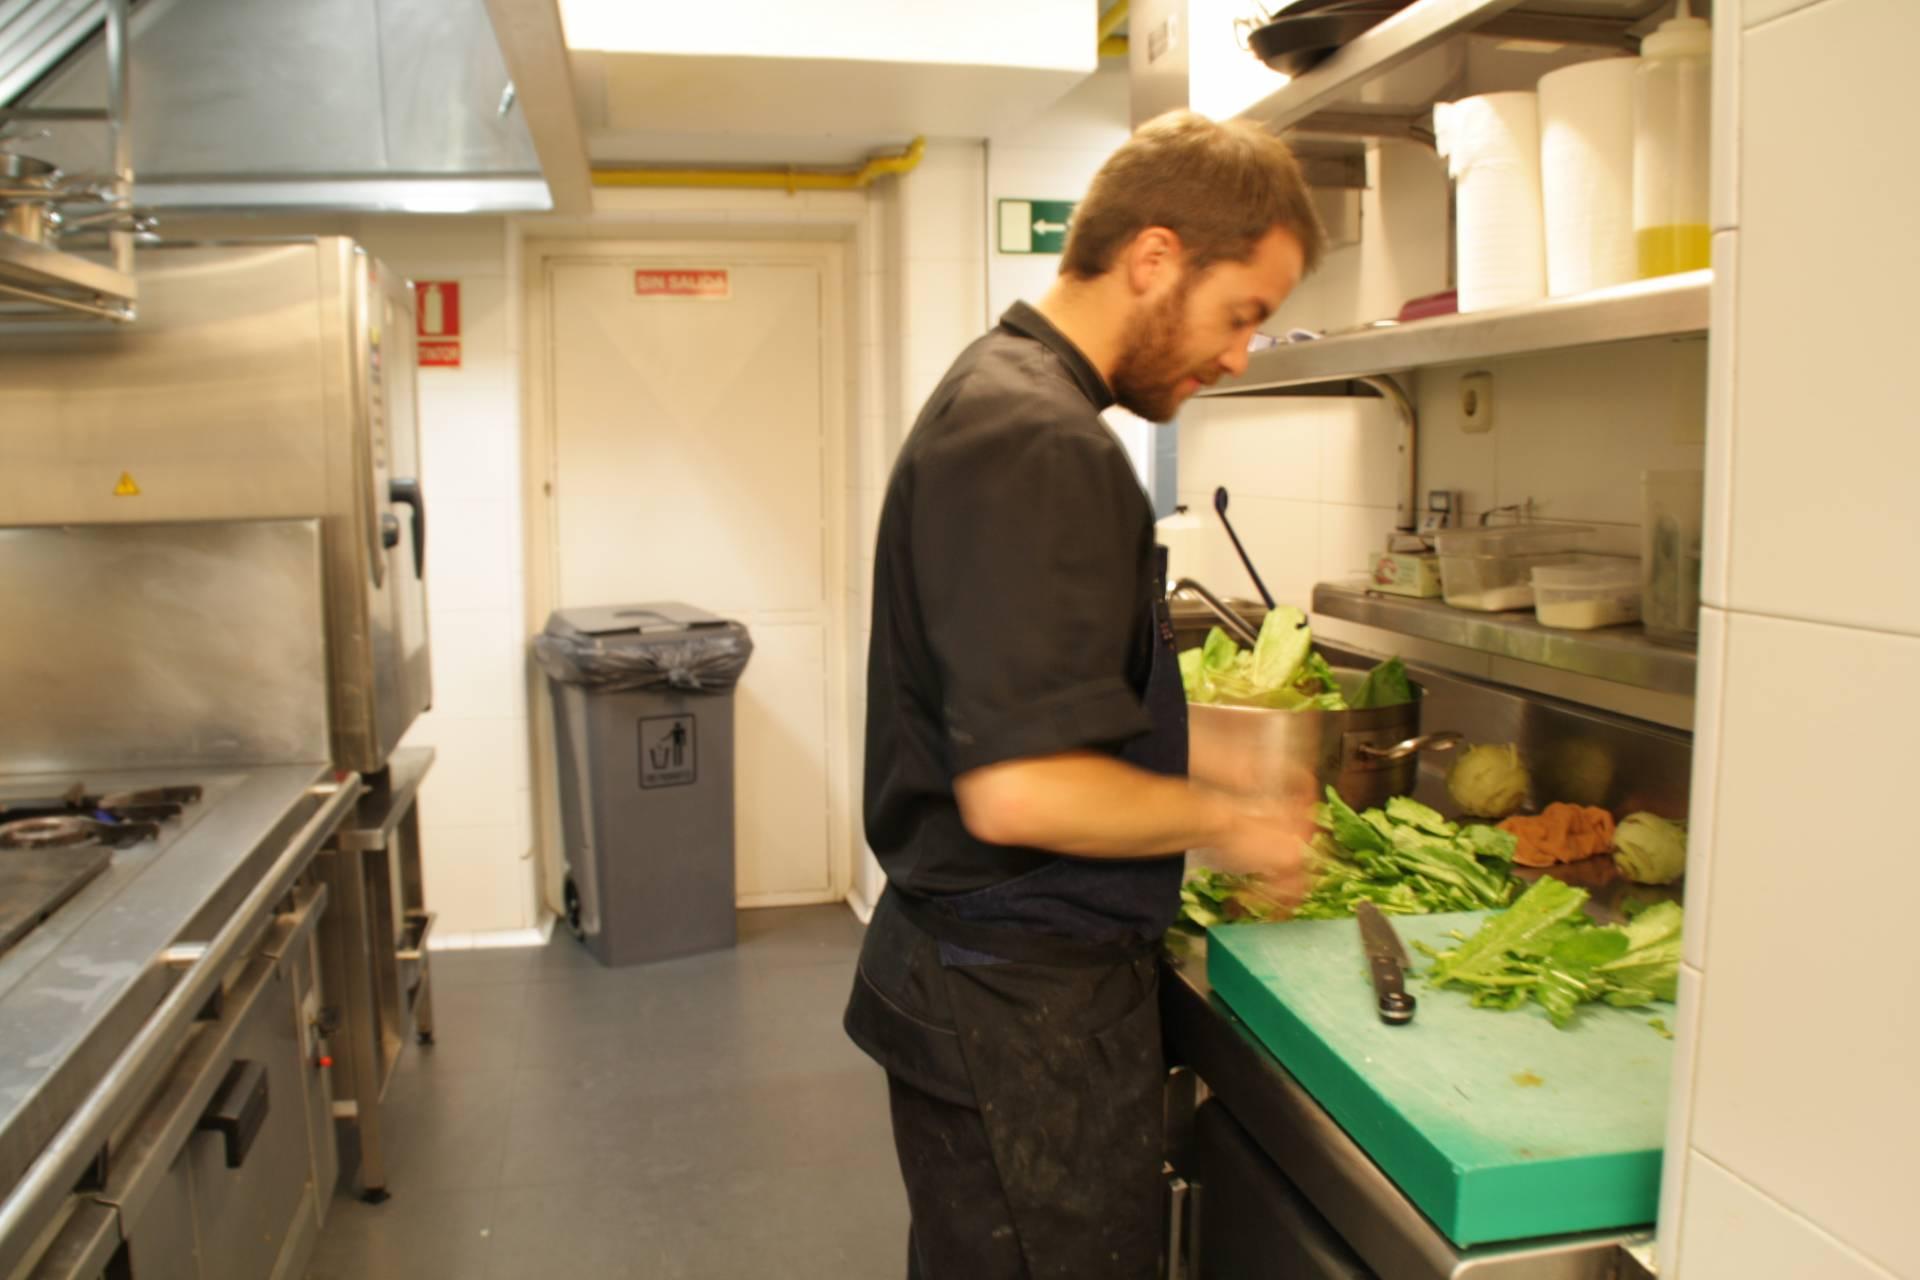 Las verduras se cortan cuando van a entrar en la olla.